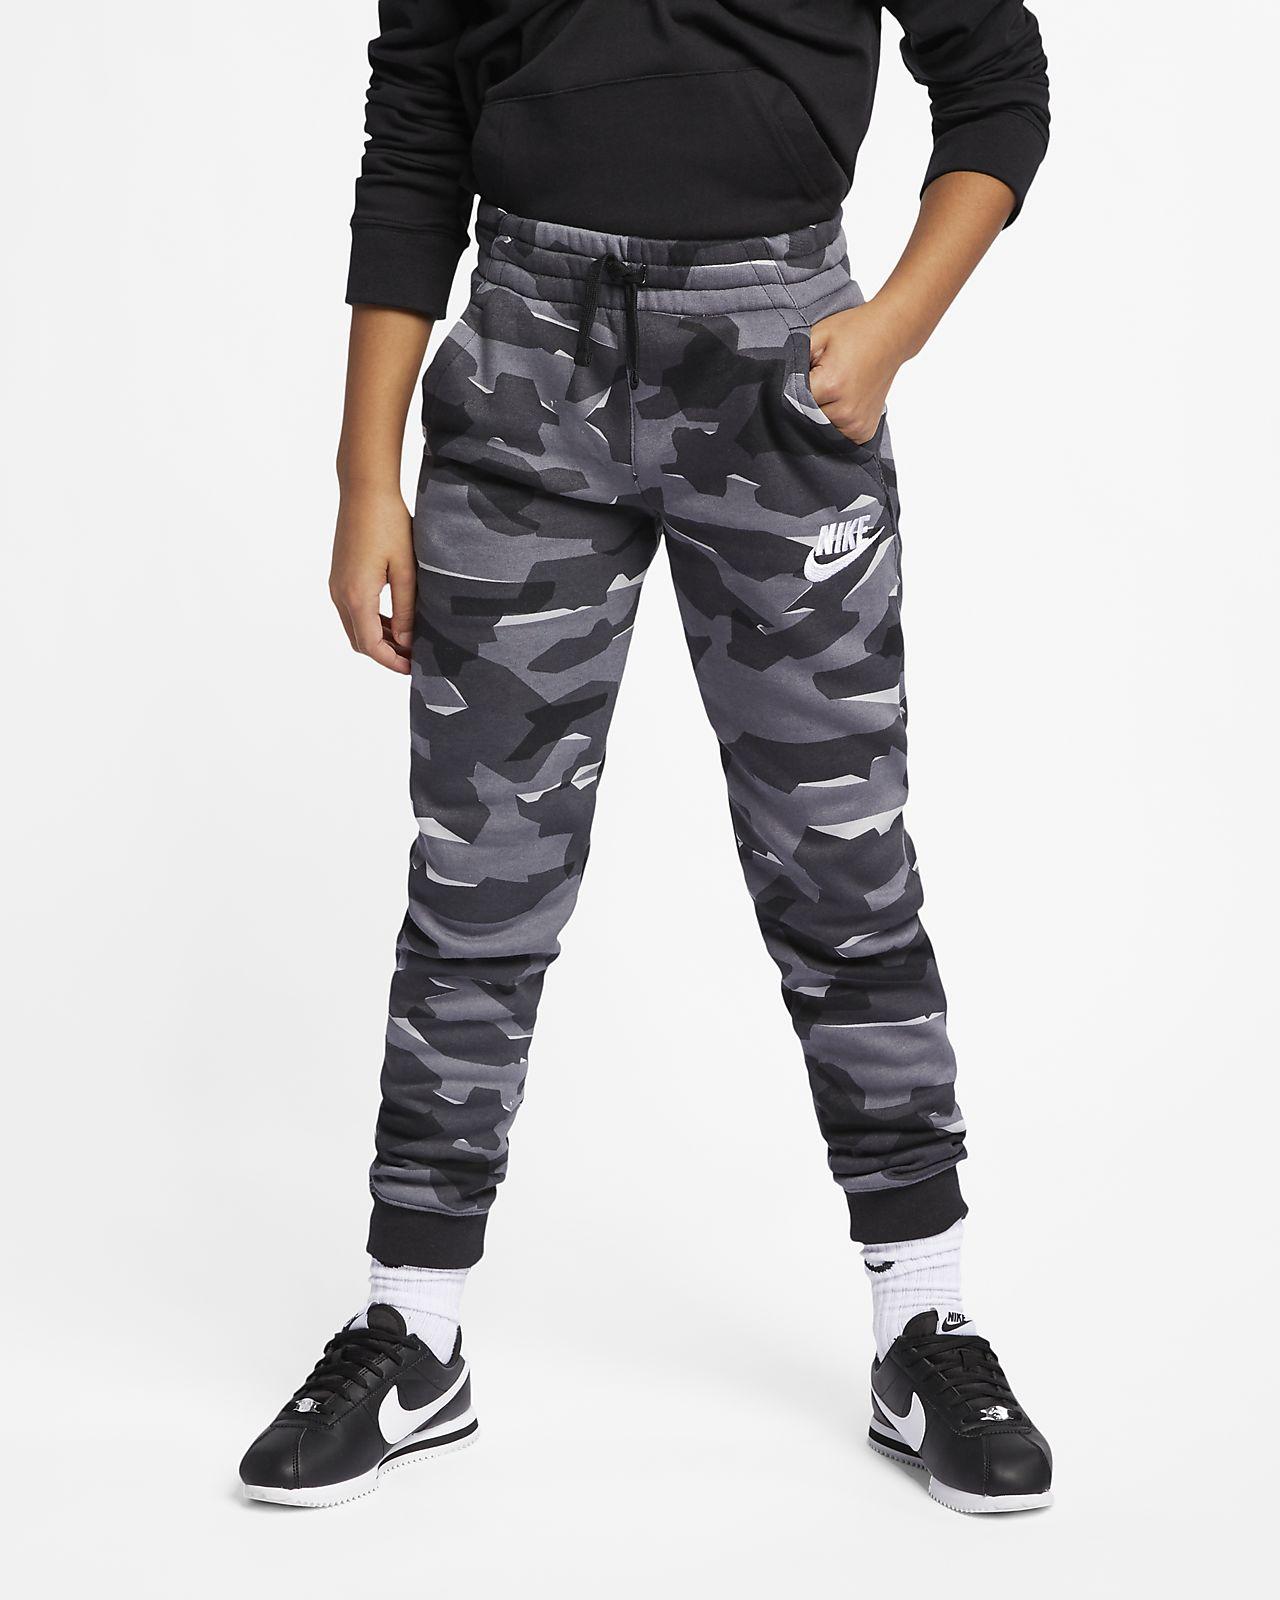 15842f28d ... Maskáčové běžecké kalhoty Nike Sportswear pro větší děti (chlapce)